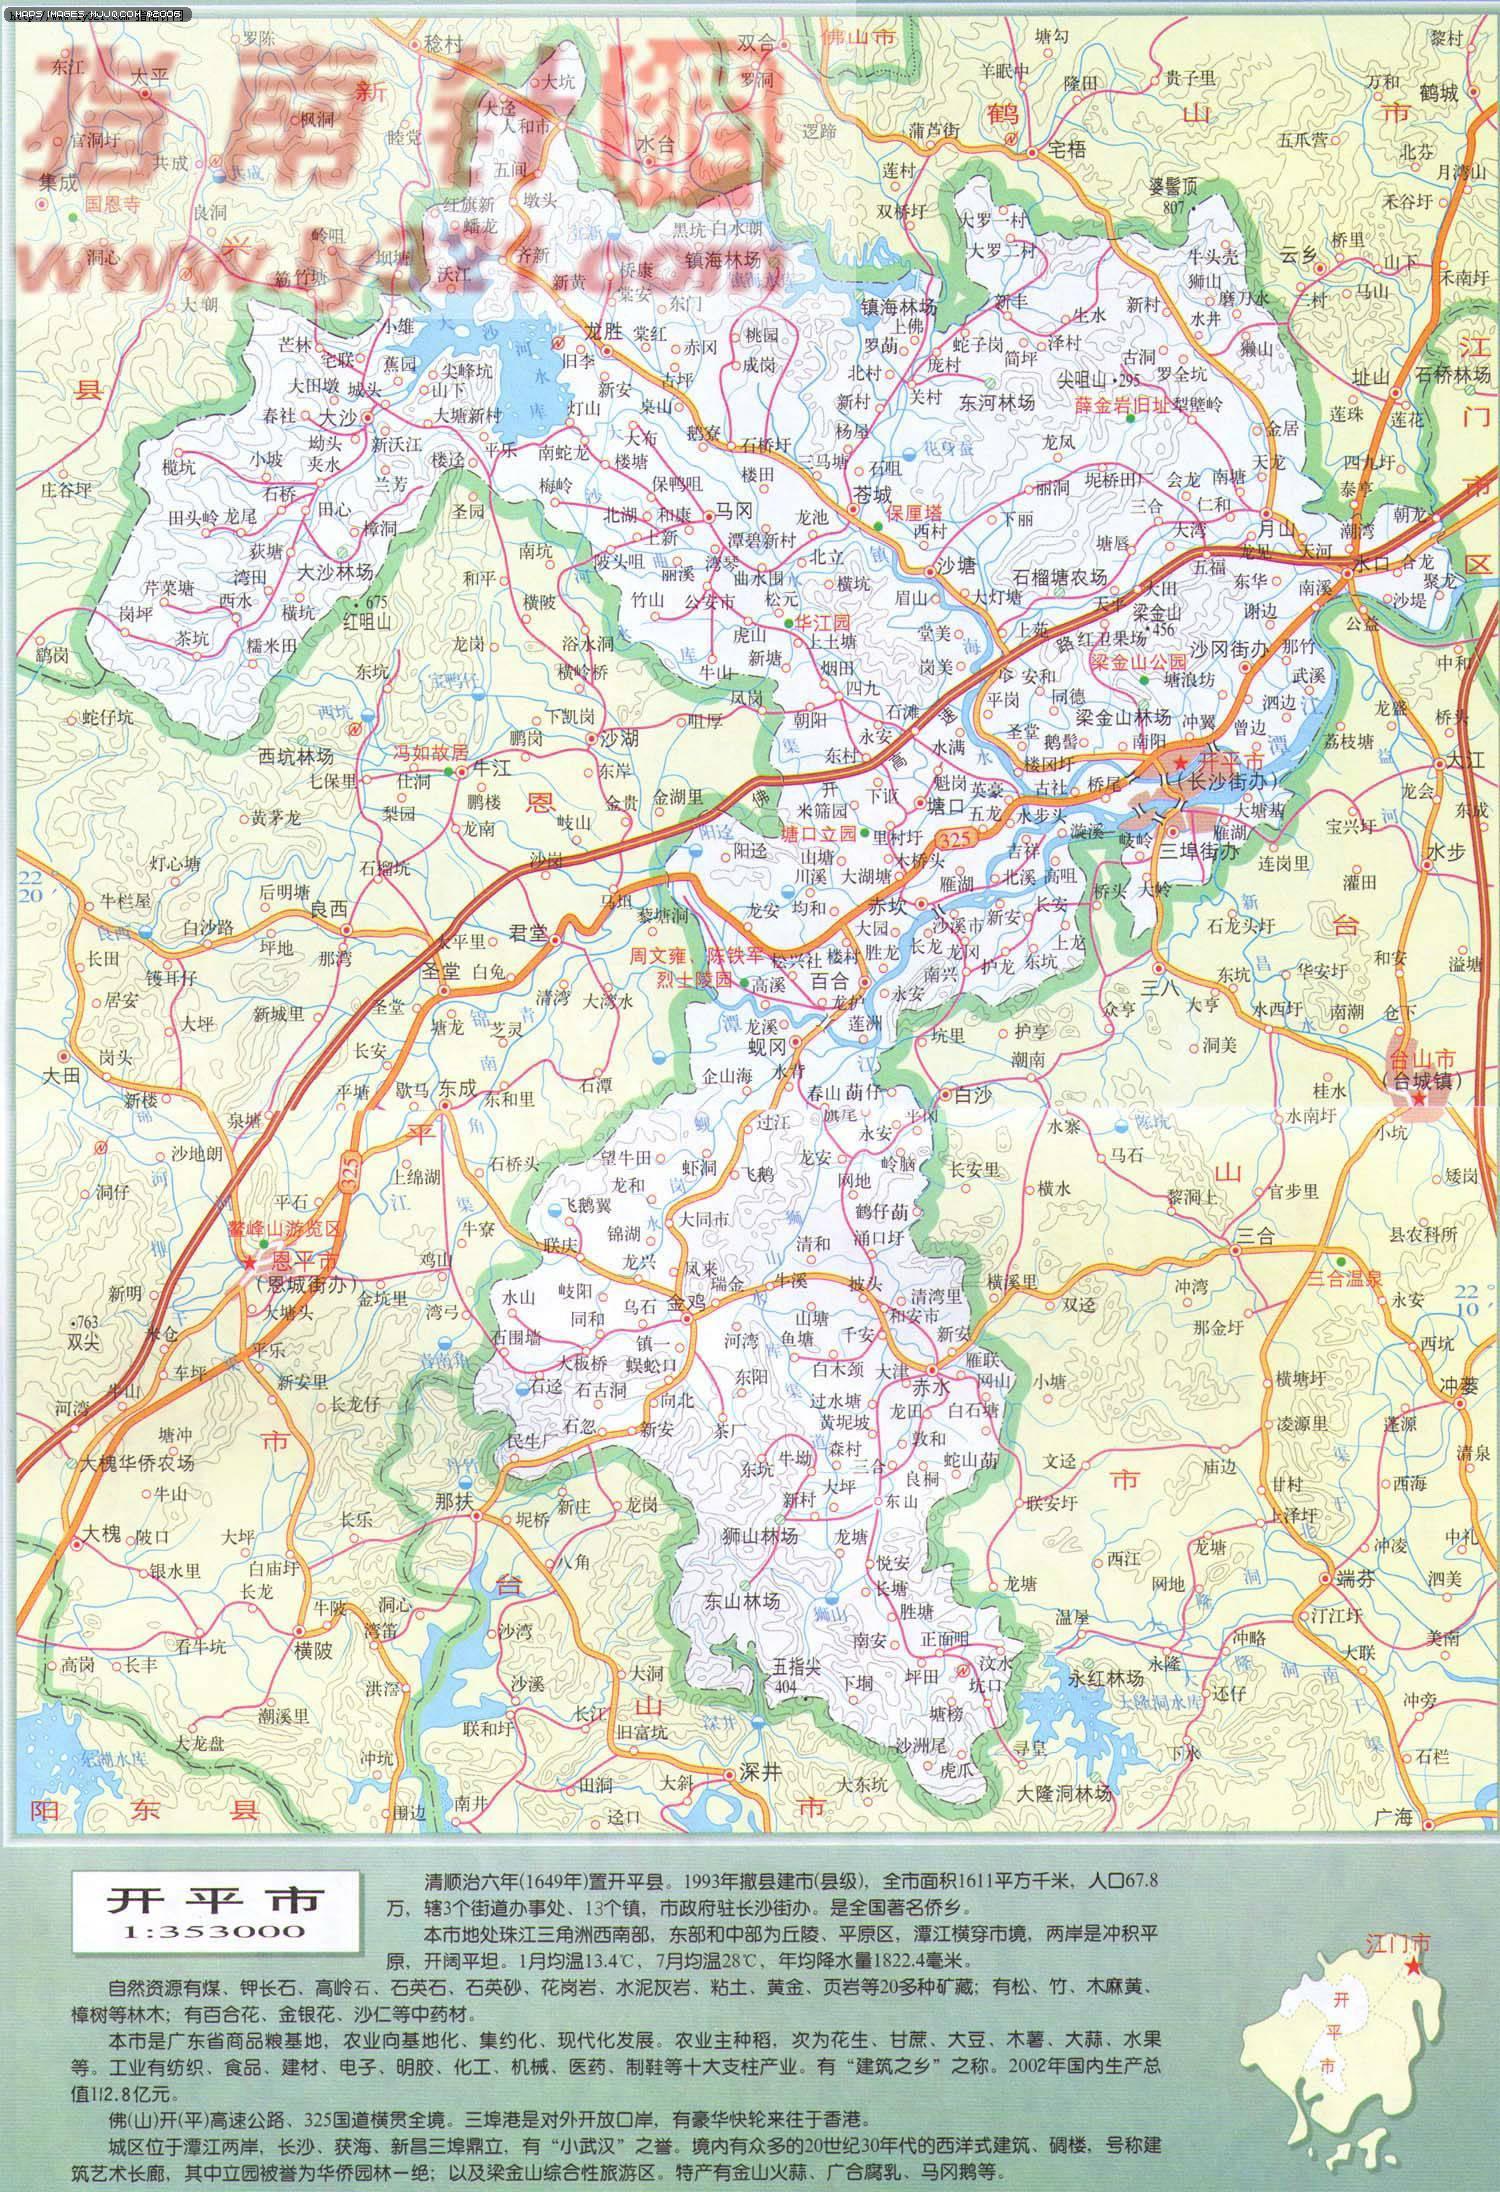 廣東省江門市開平市地圖 - 廣東旅遊地圖 中國地圖 - 美景旅遊網